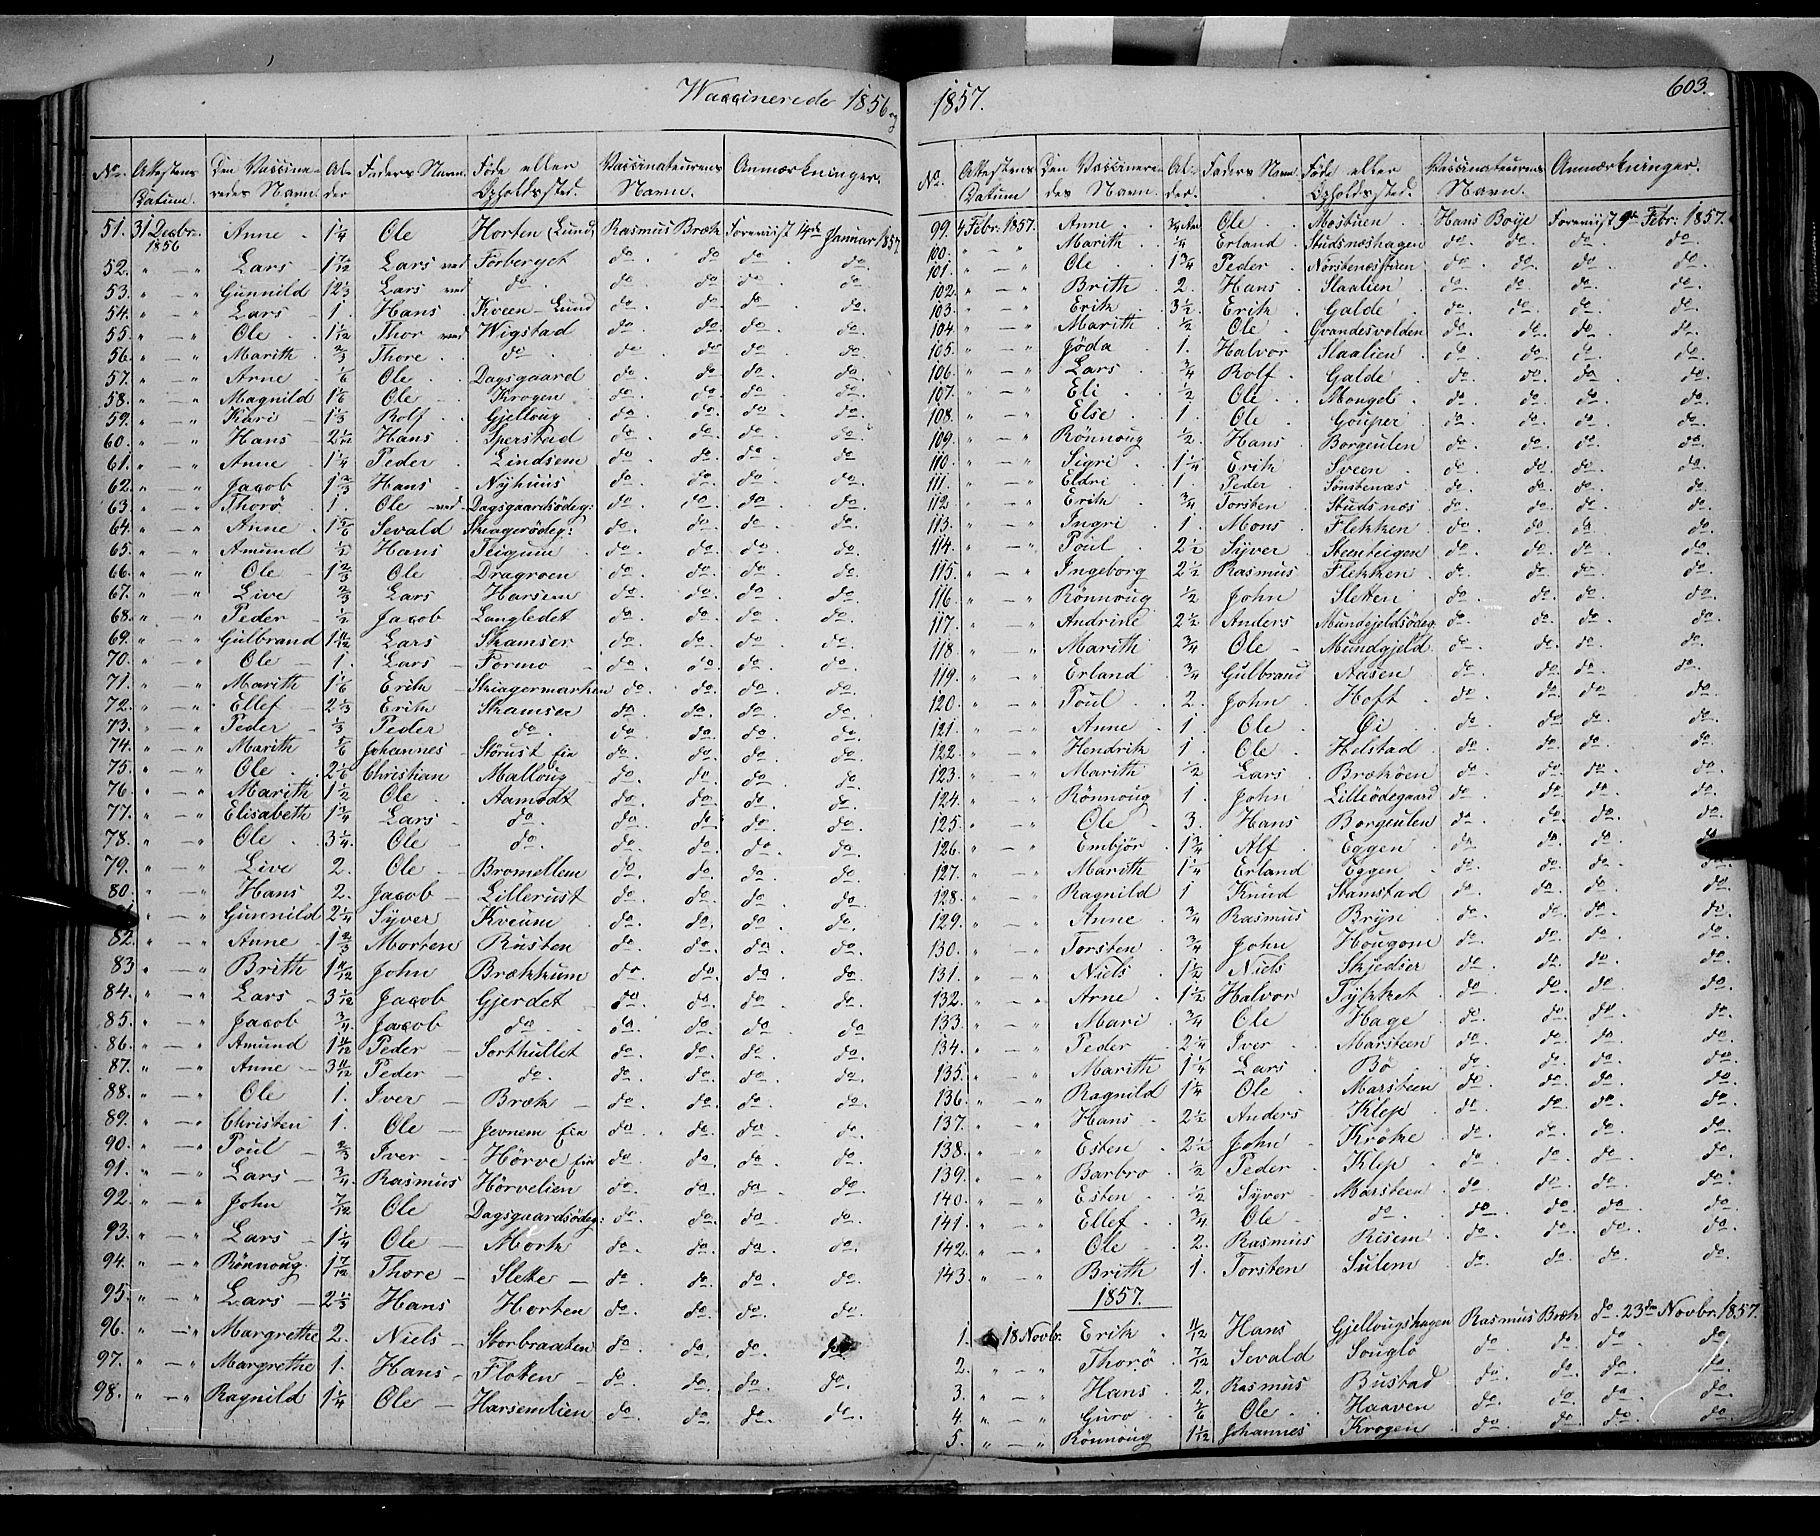 SAH, Lom prestekontor, K/L0006: Ministerialbok nr. 6B, 1837-1863, s. 603